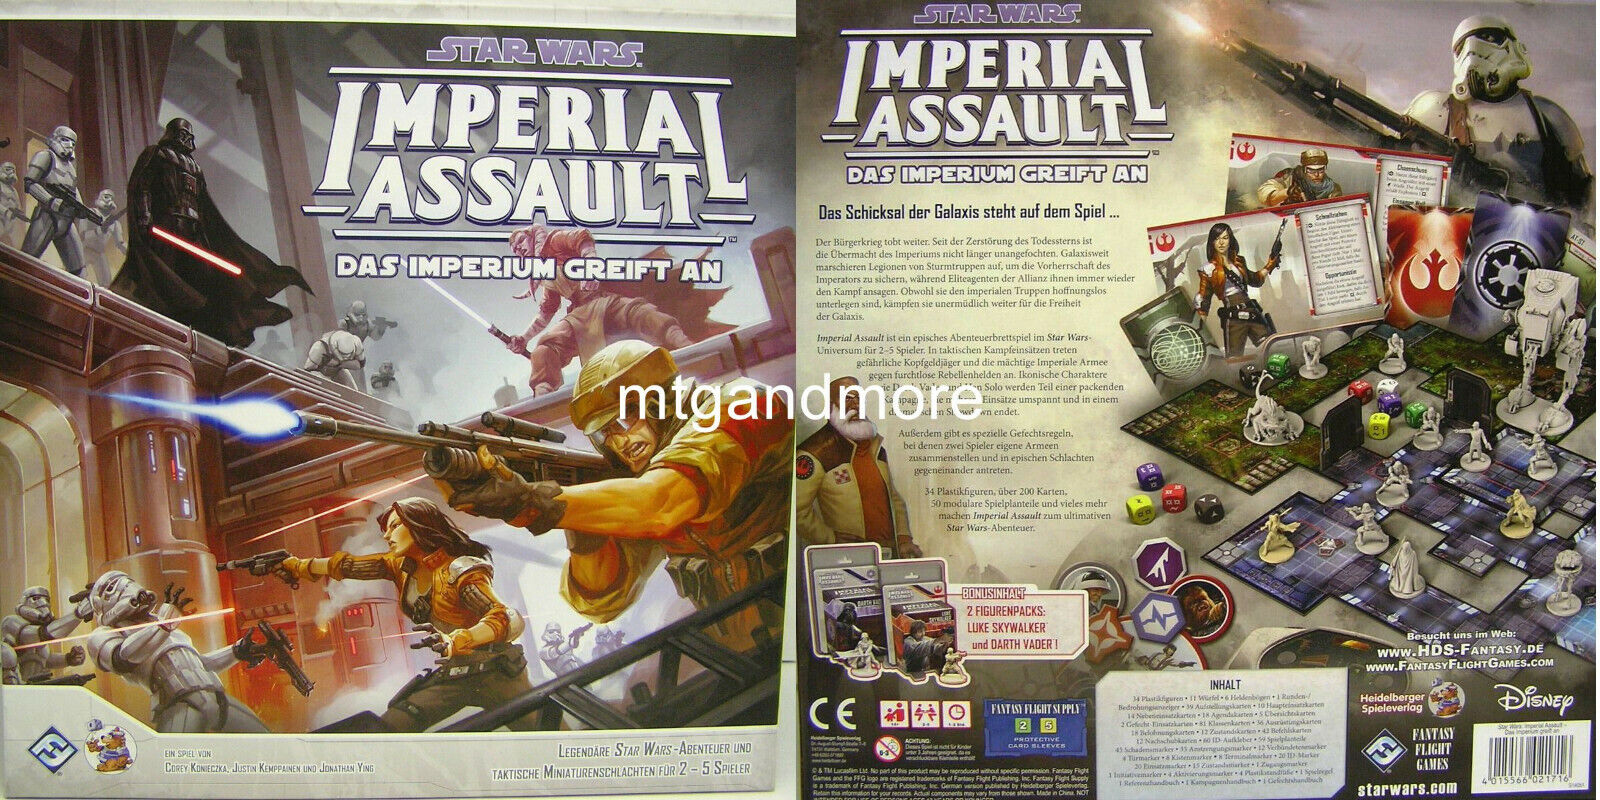 Star Wars Imperial Assault - Miniatur aussuchen - DEUTSCHE / GERMAN VERSION